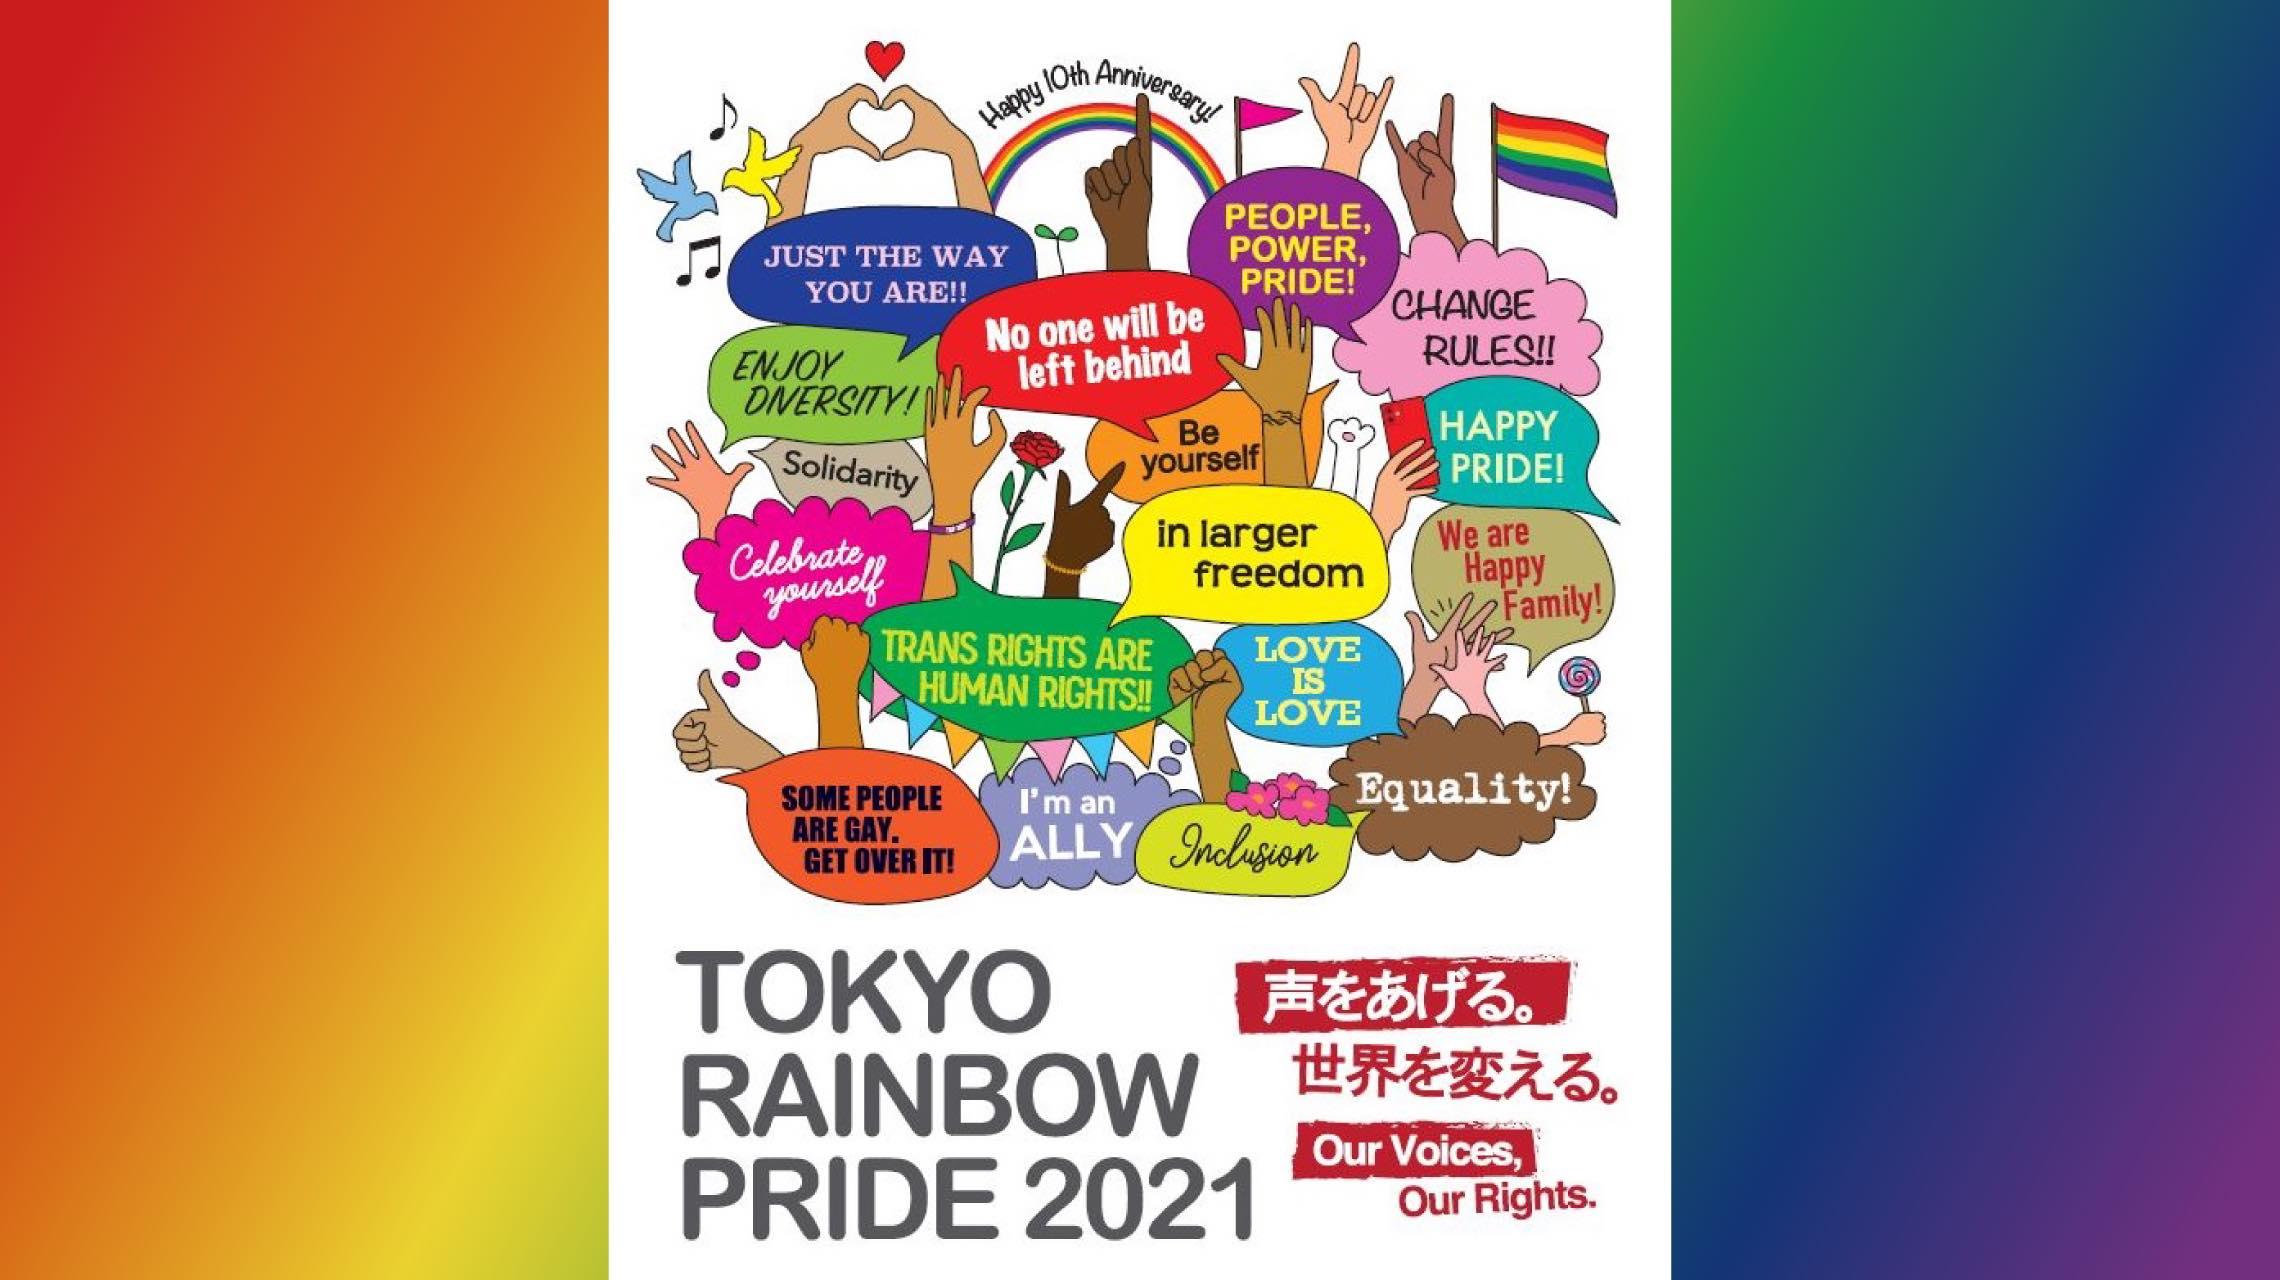 誰もが生きやすい世の中へ。東京レインボープライド2021で世界を変える一歩を